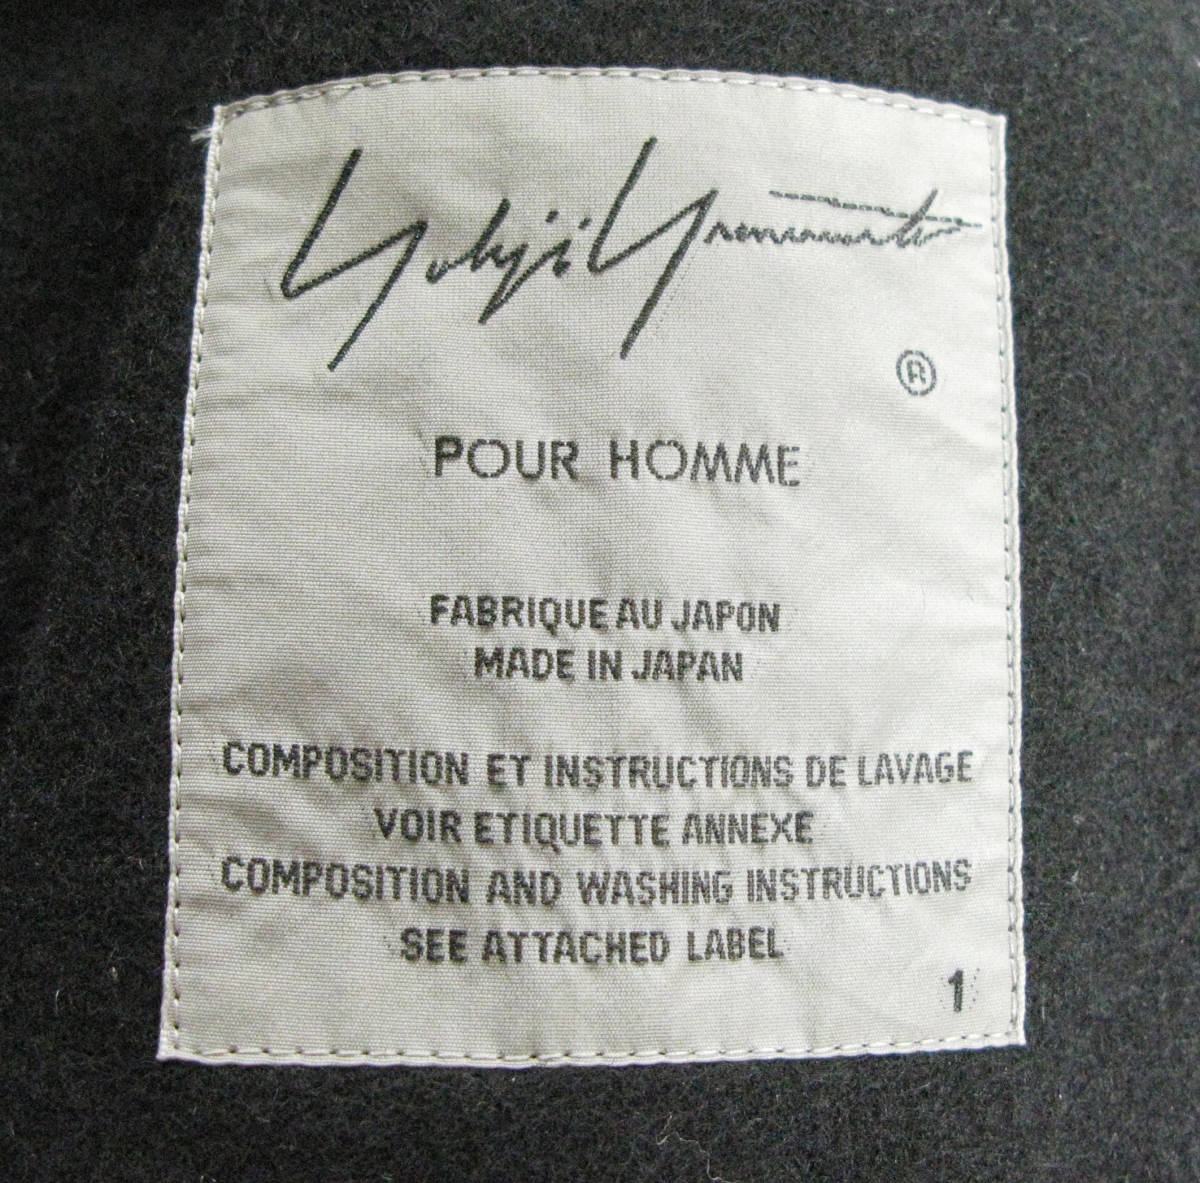 ヨウジヤマモト プールオム : 2019AW デカ釦 コート ( 真鍮ボタン 今期 デカボタン Yohji Yamamoto pour HOMME 2019-20AW coat_画像8